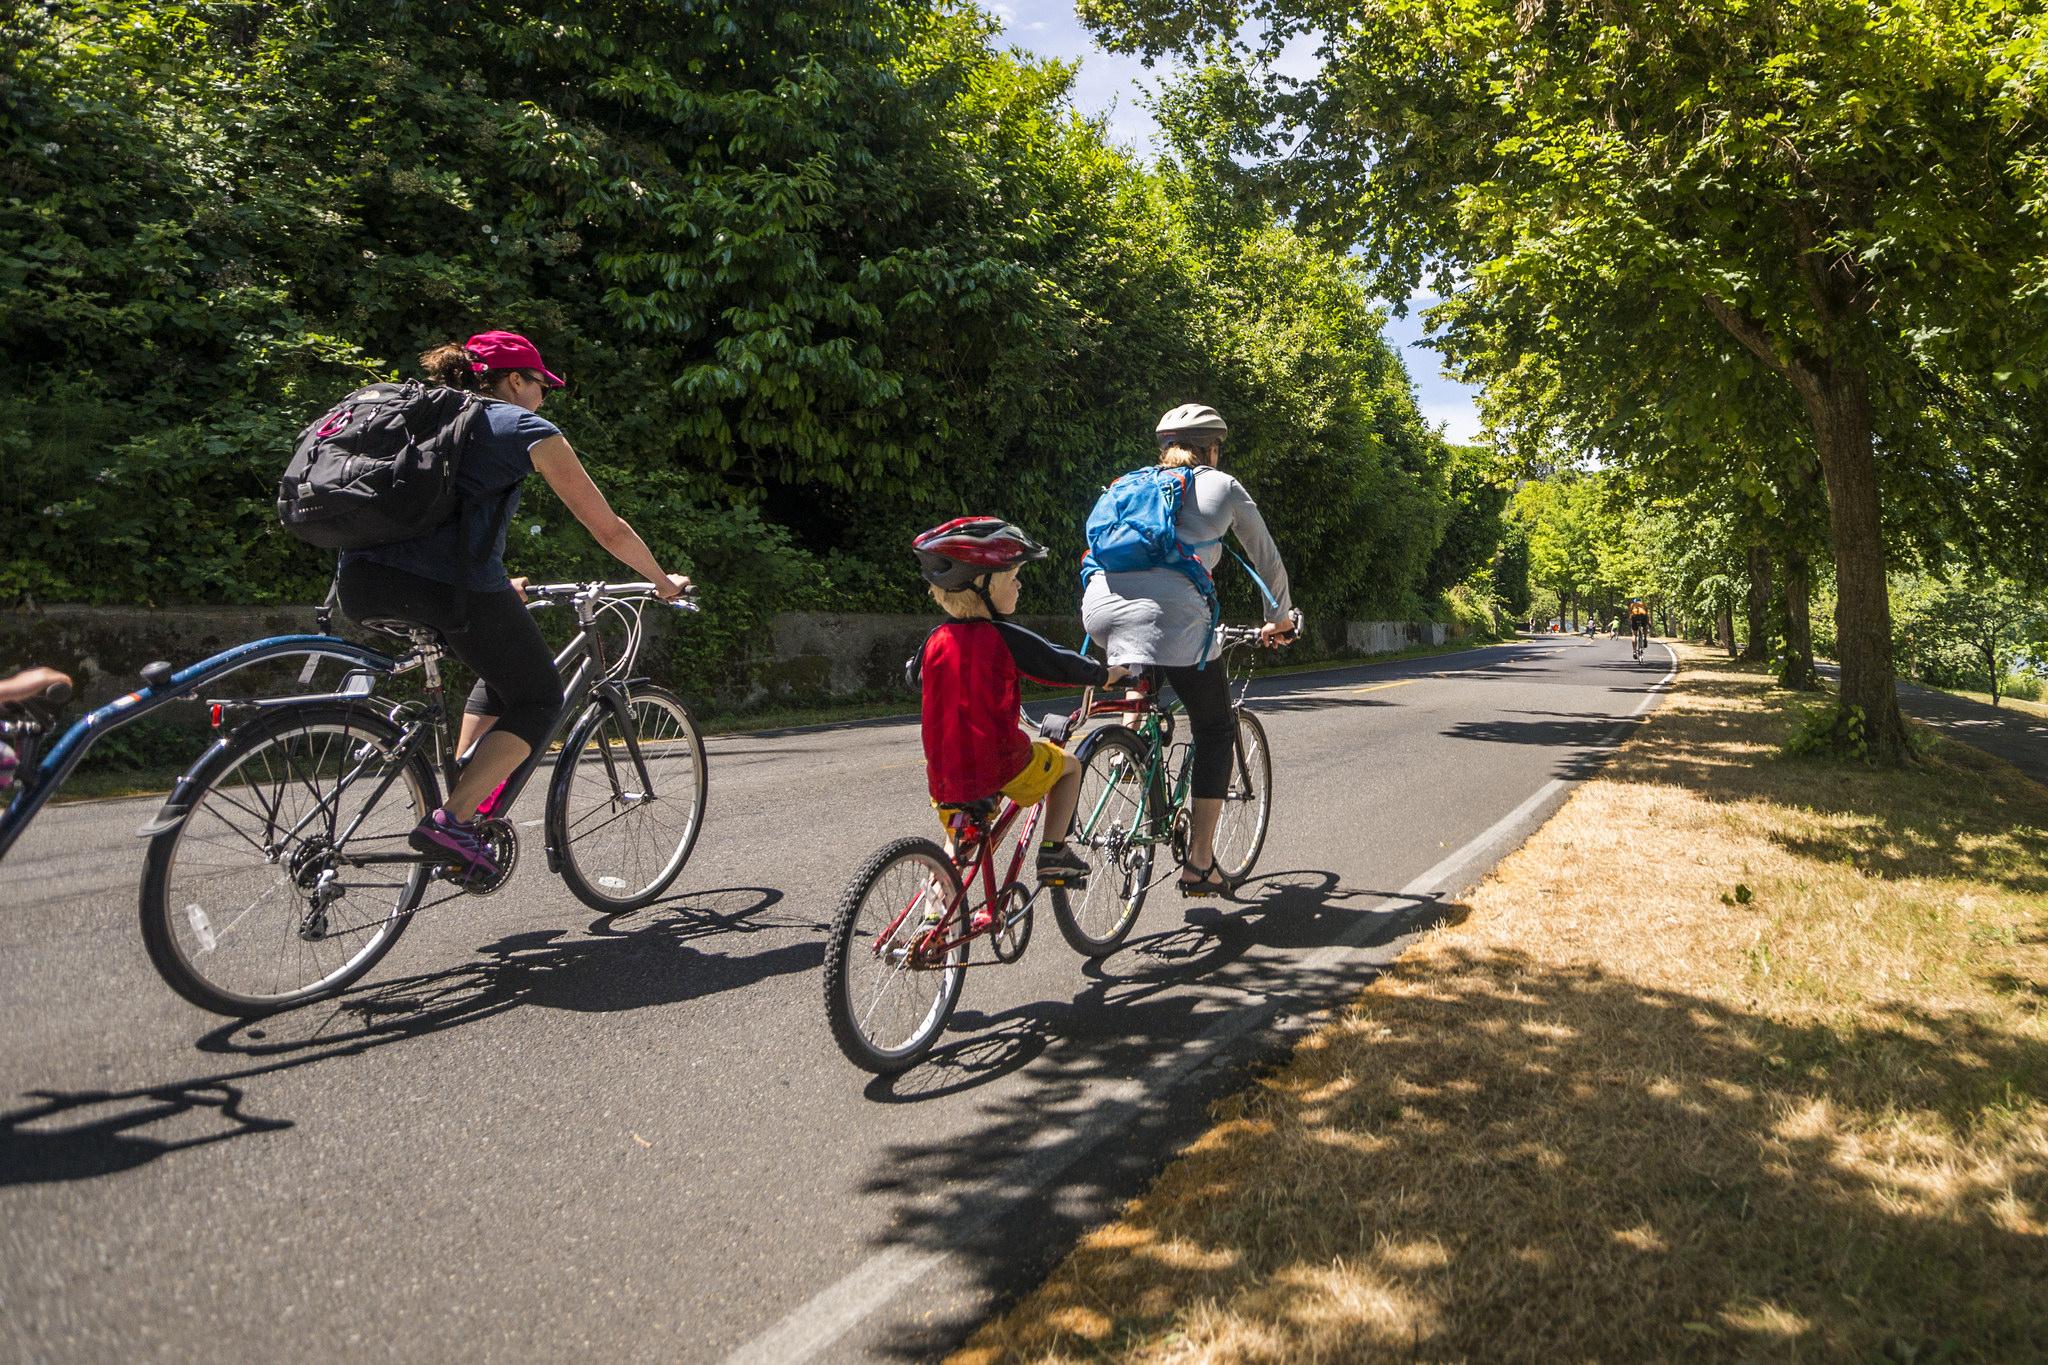 Join us for Bicycle Sundays along Lake Washington Blvd. - Parkways